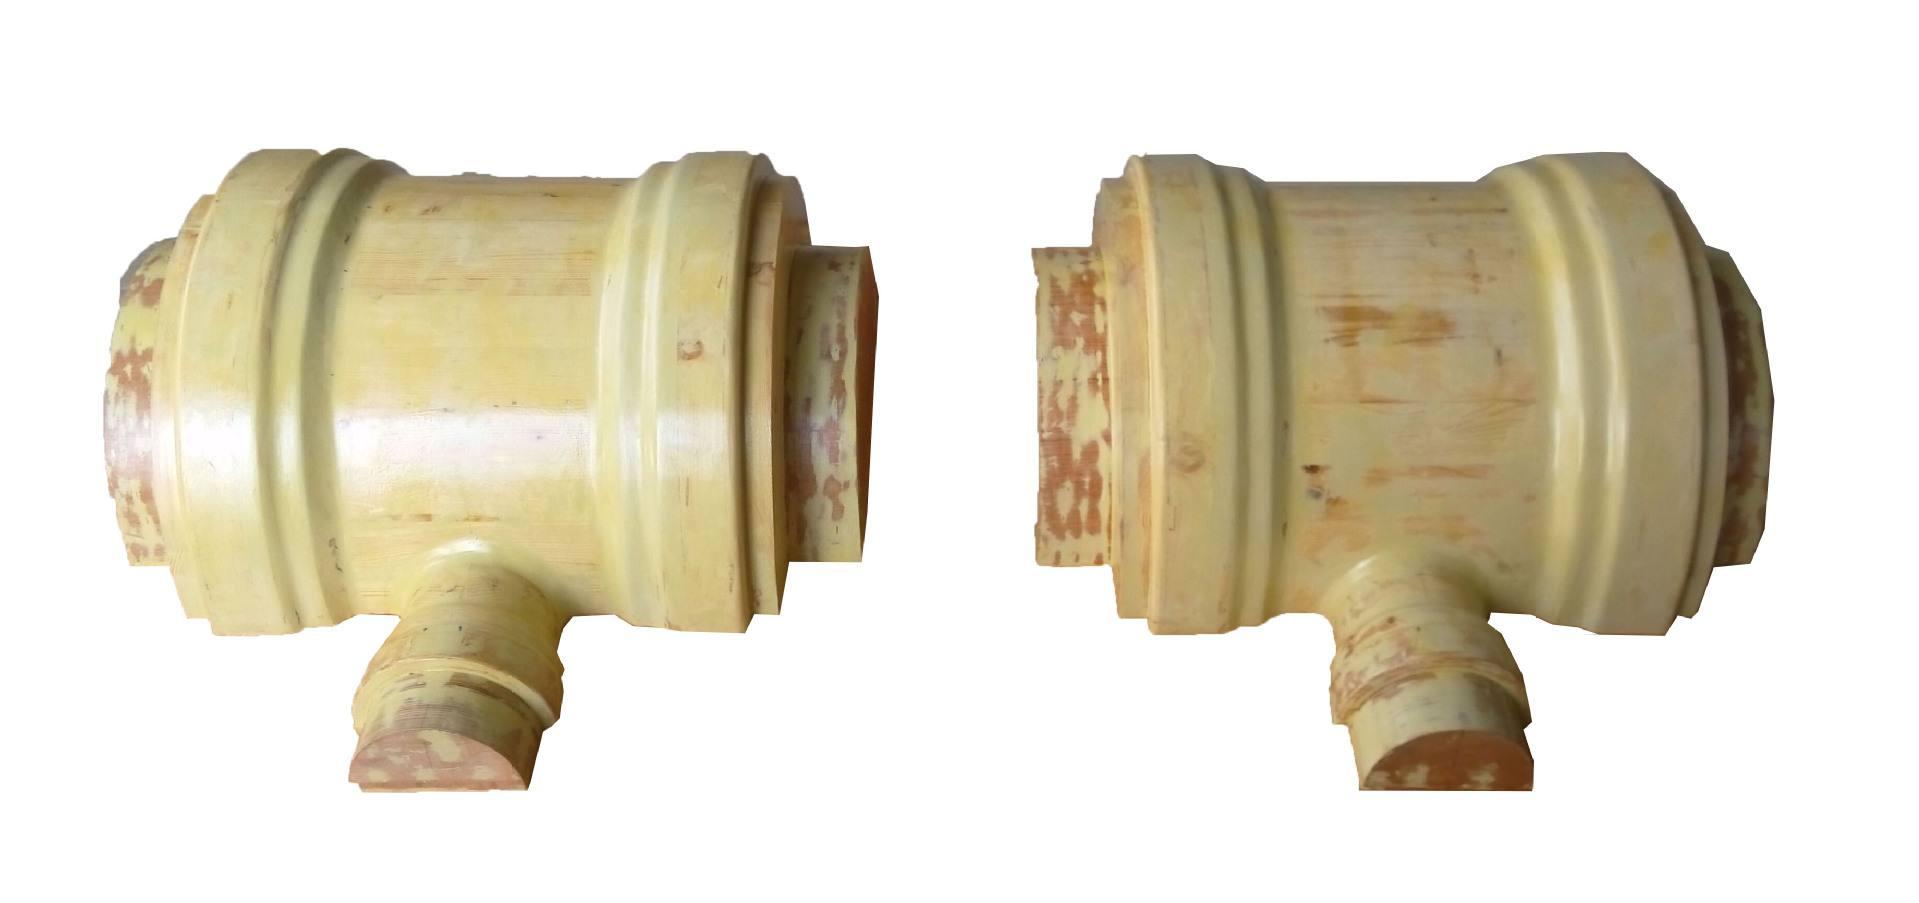 重慶四軸木模雕刻機廠家-鑄造木模雕刻機生產廠家